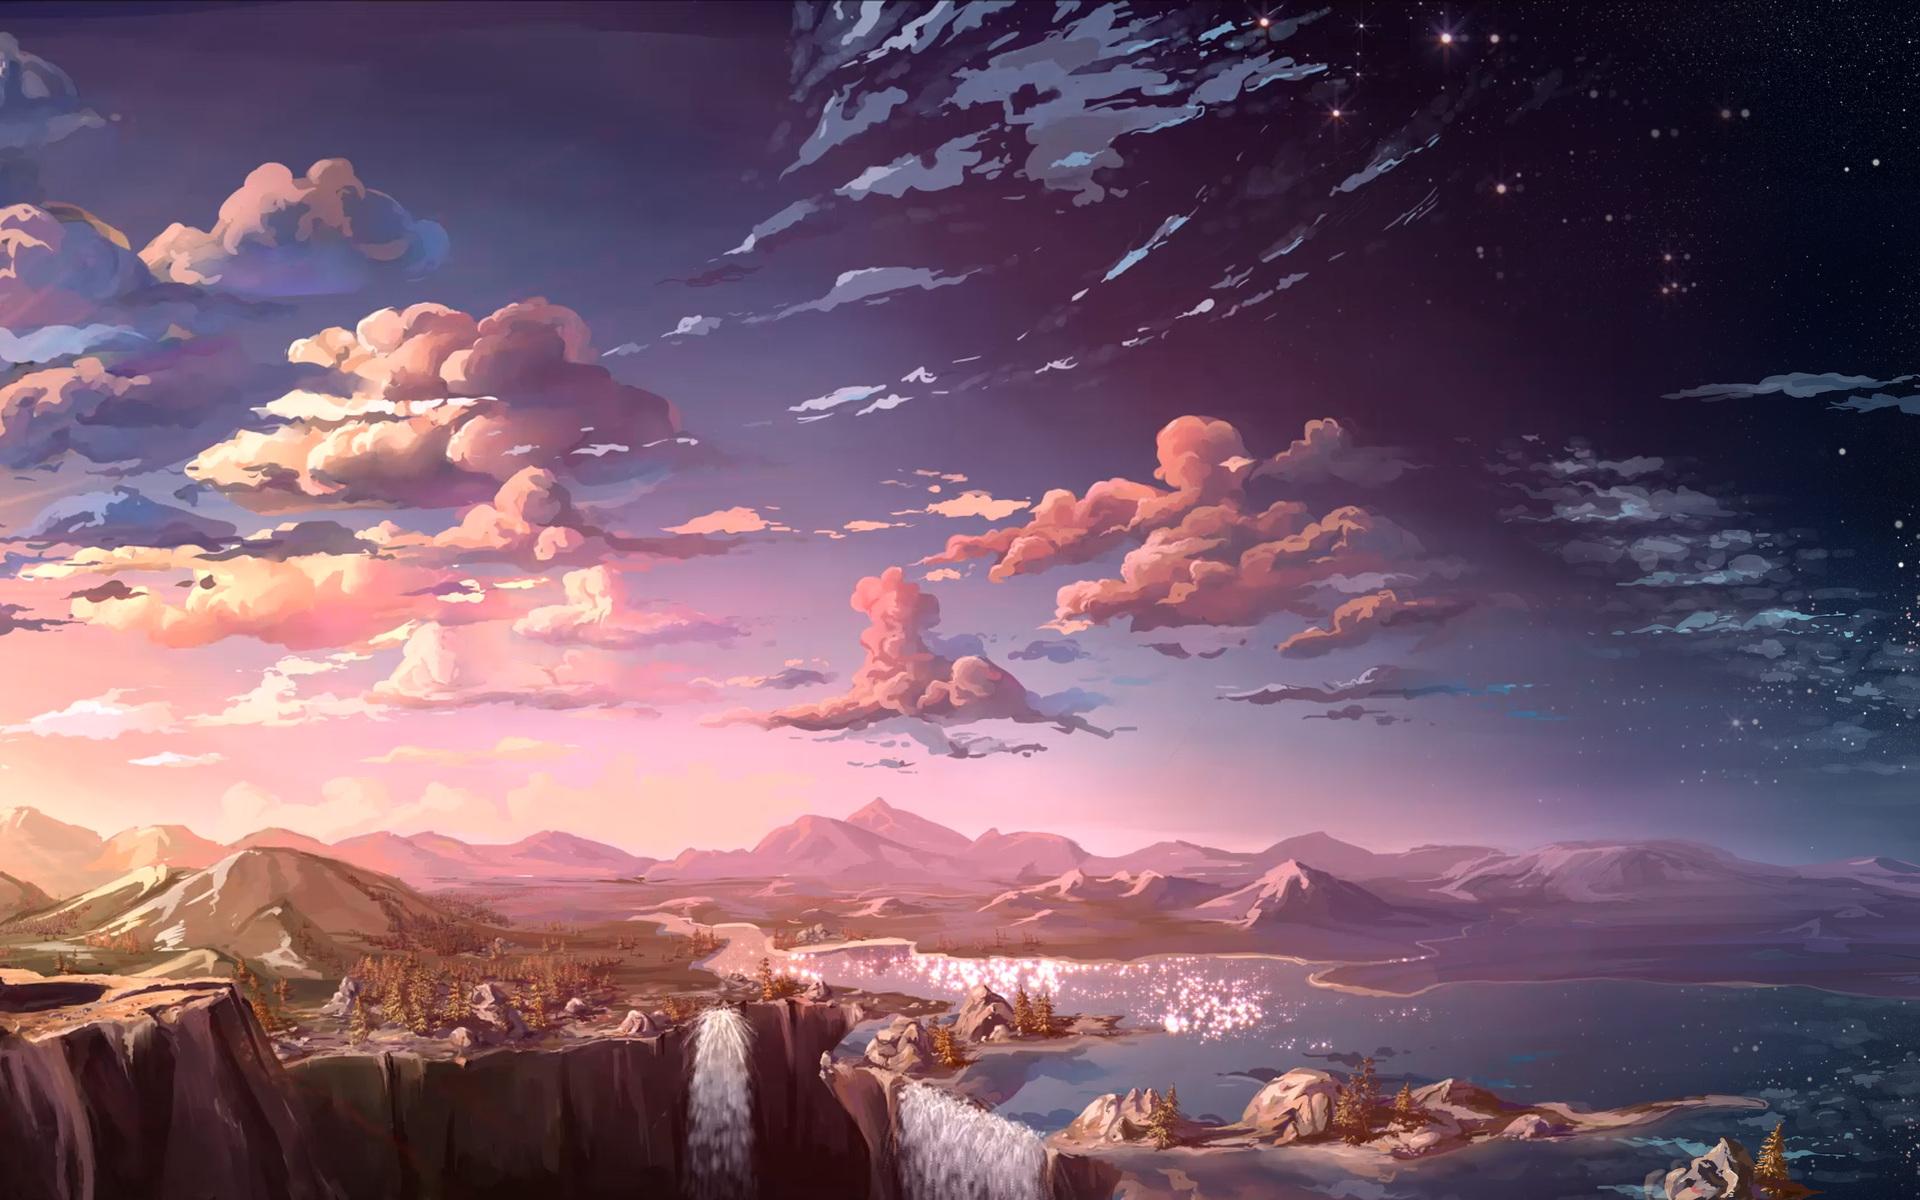 1920x1200 waterfall sunset landscape artist 1080p resolution hd 4k rh hdqwalls com